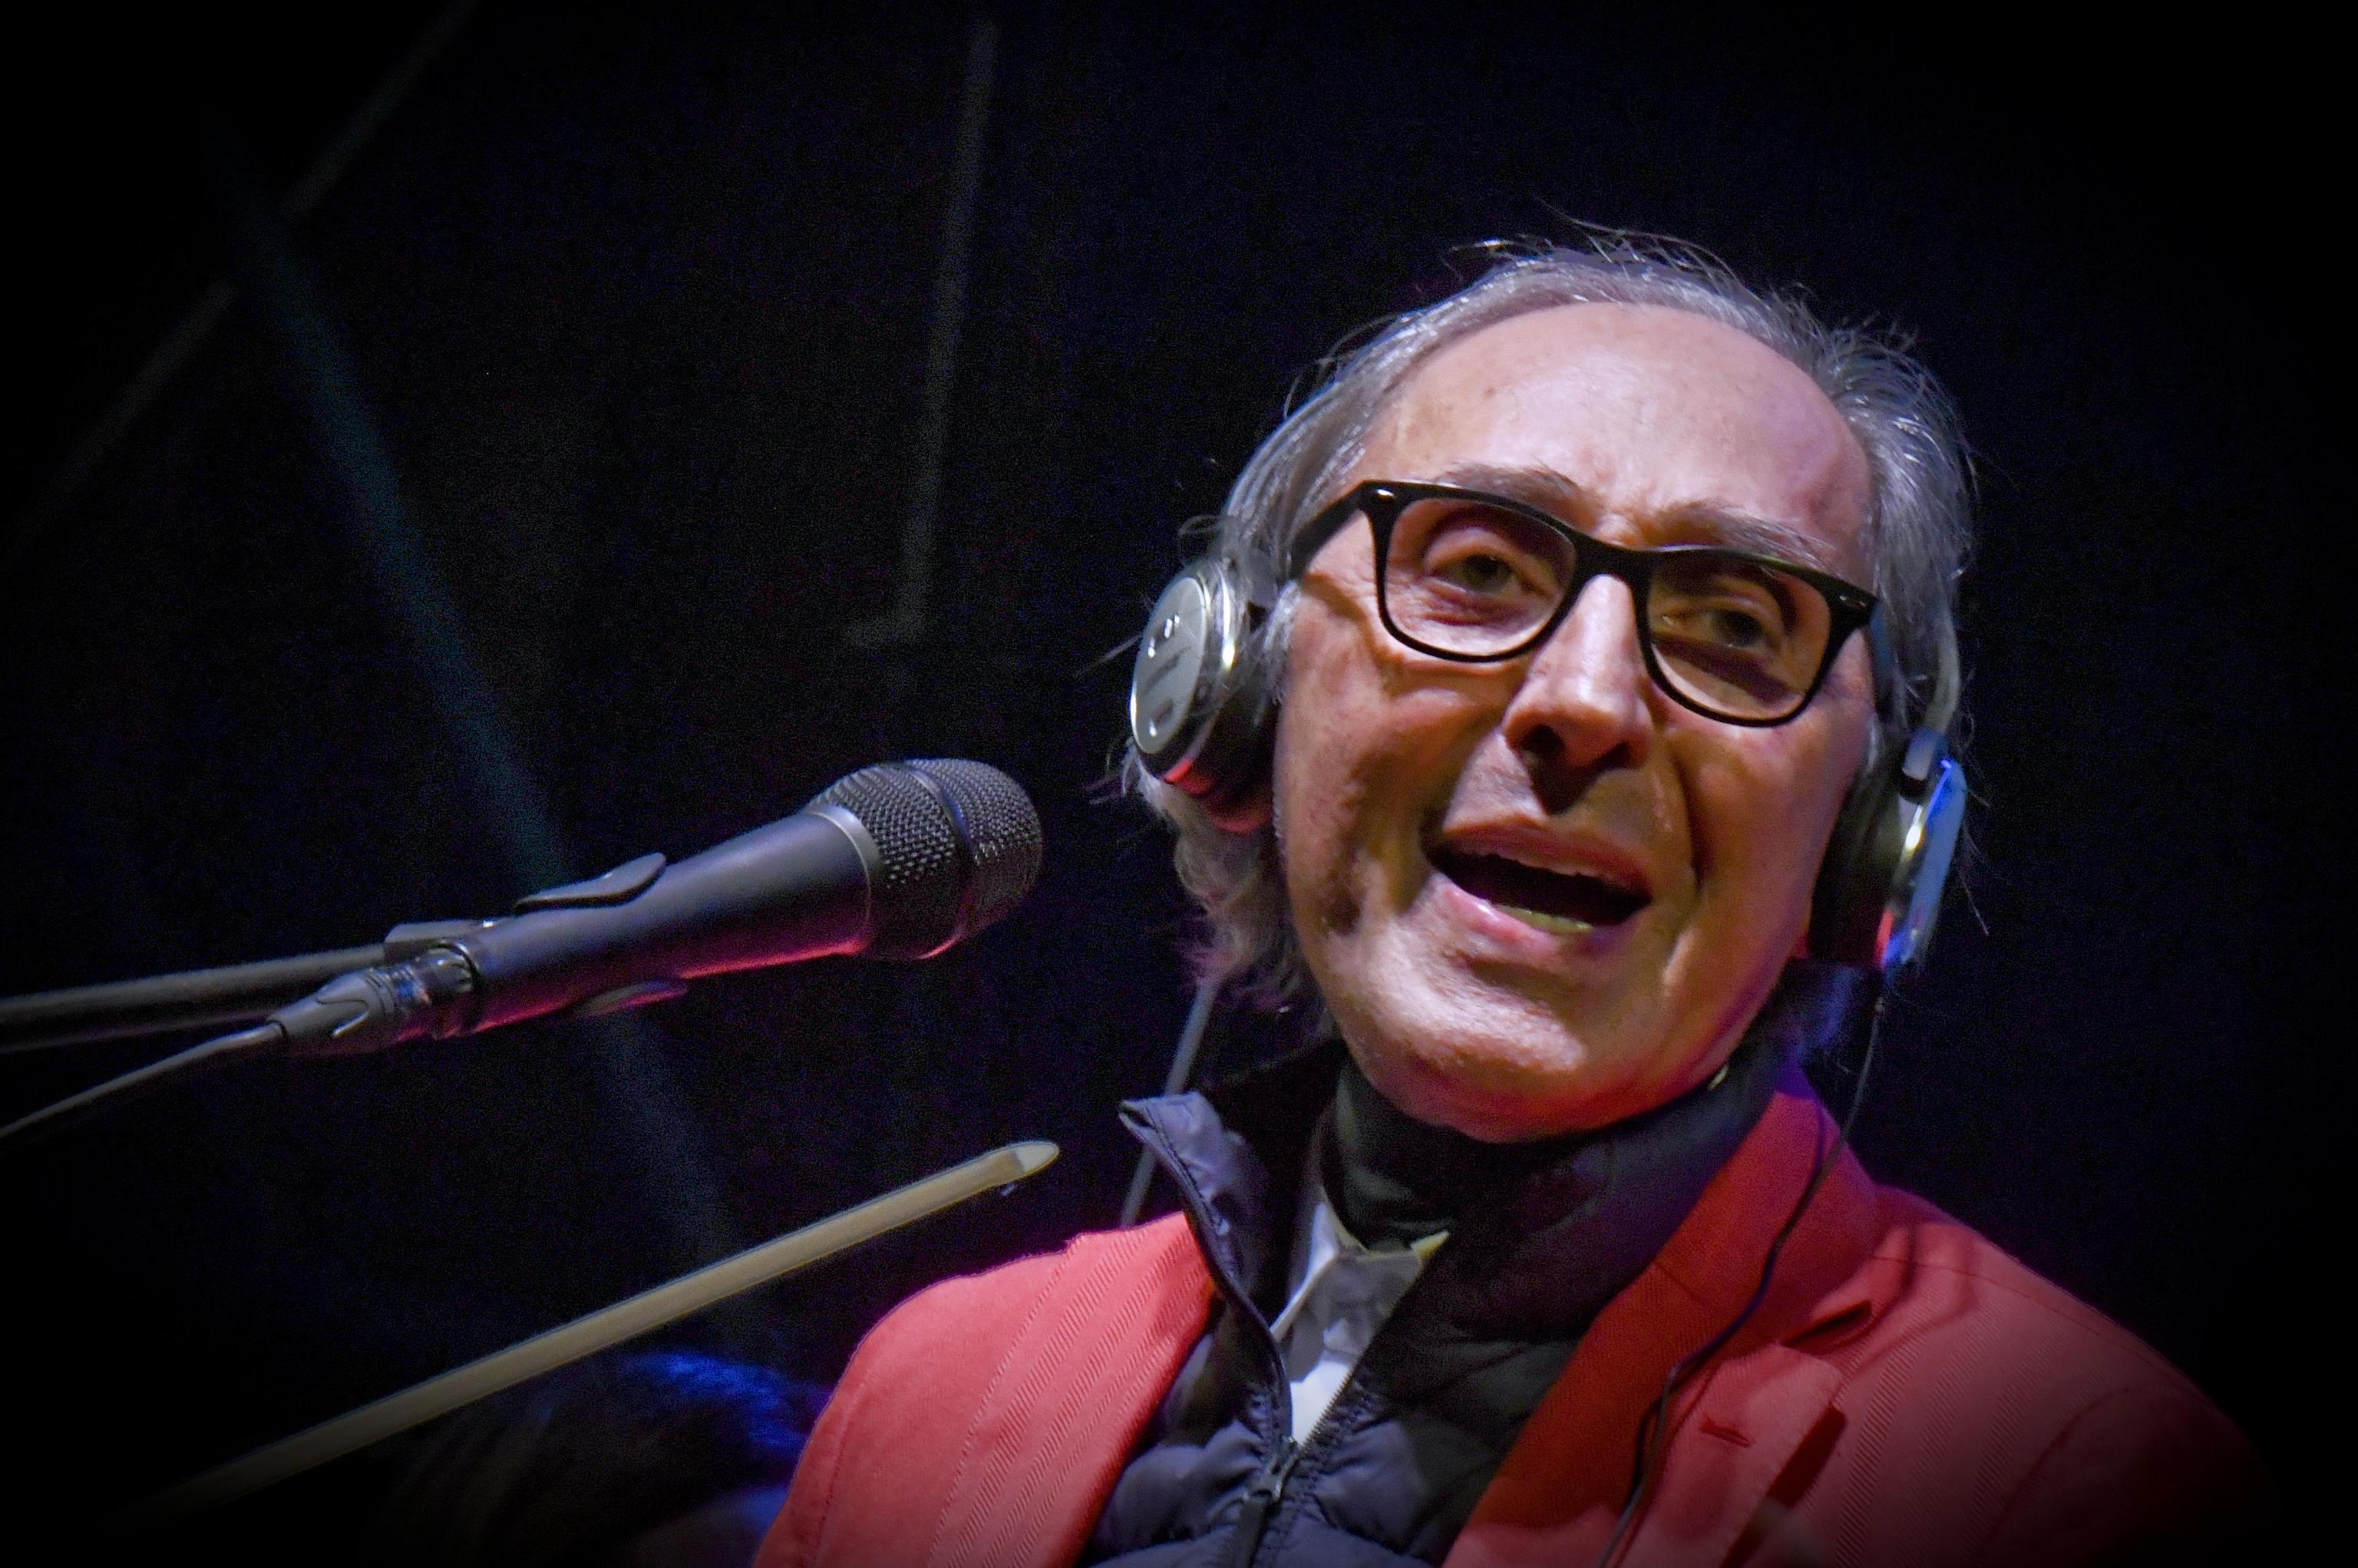 Franco Battiato torna sui social: 'Che bello rivedere il Maestro'